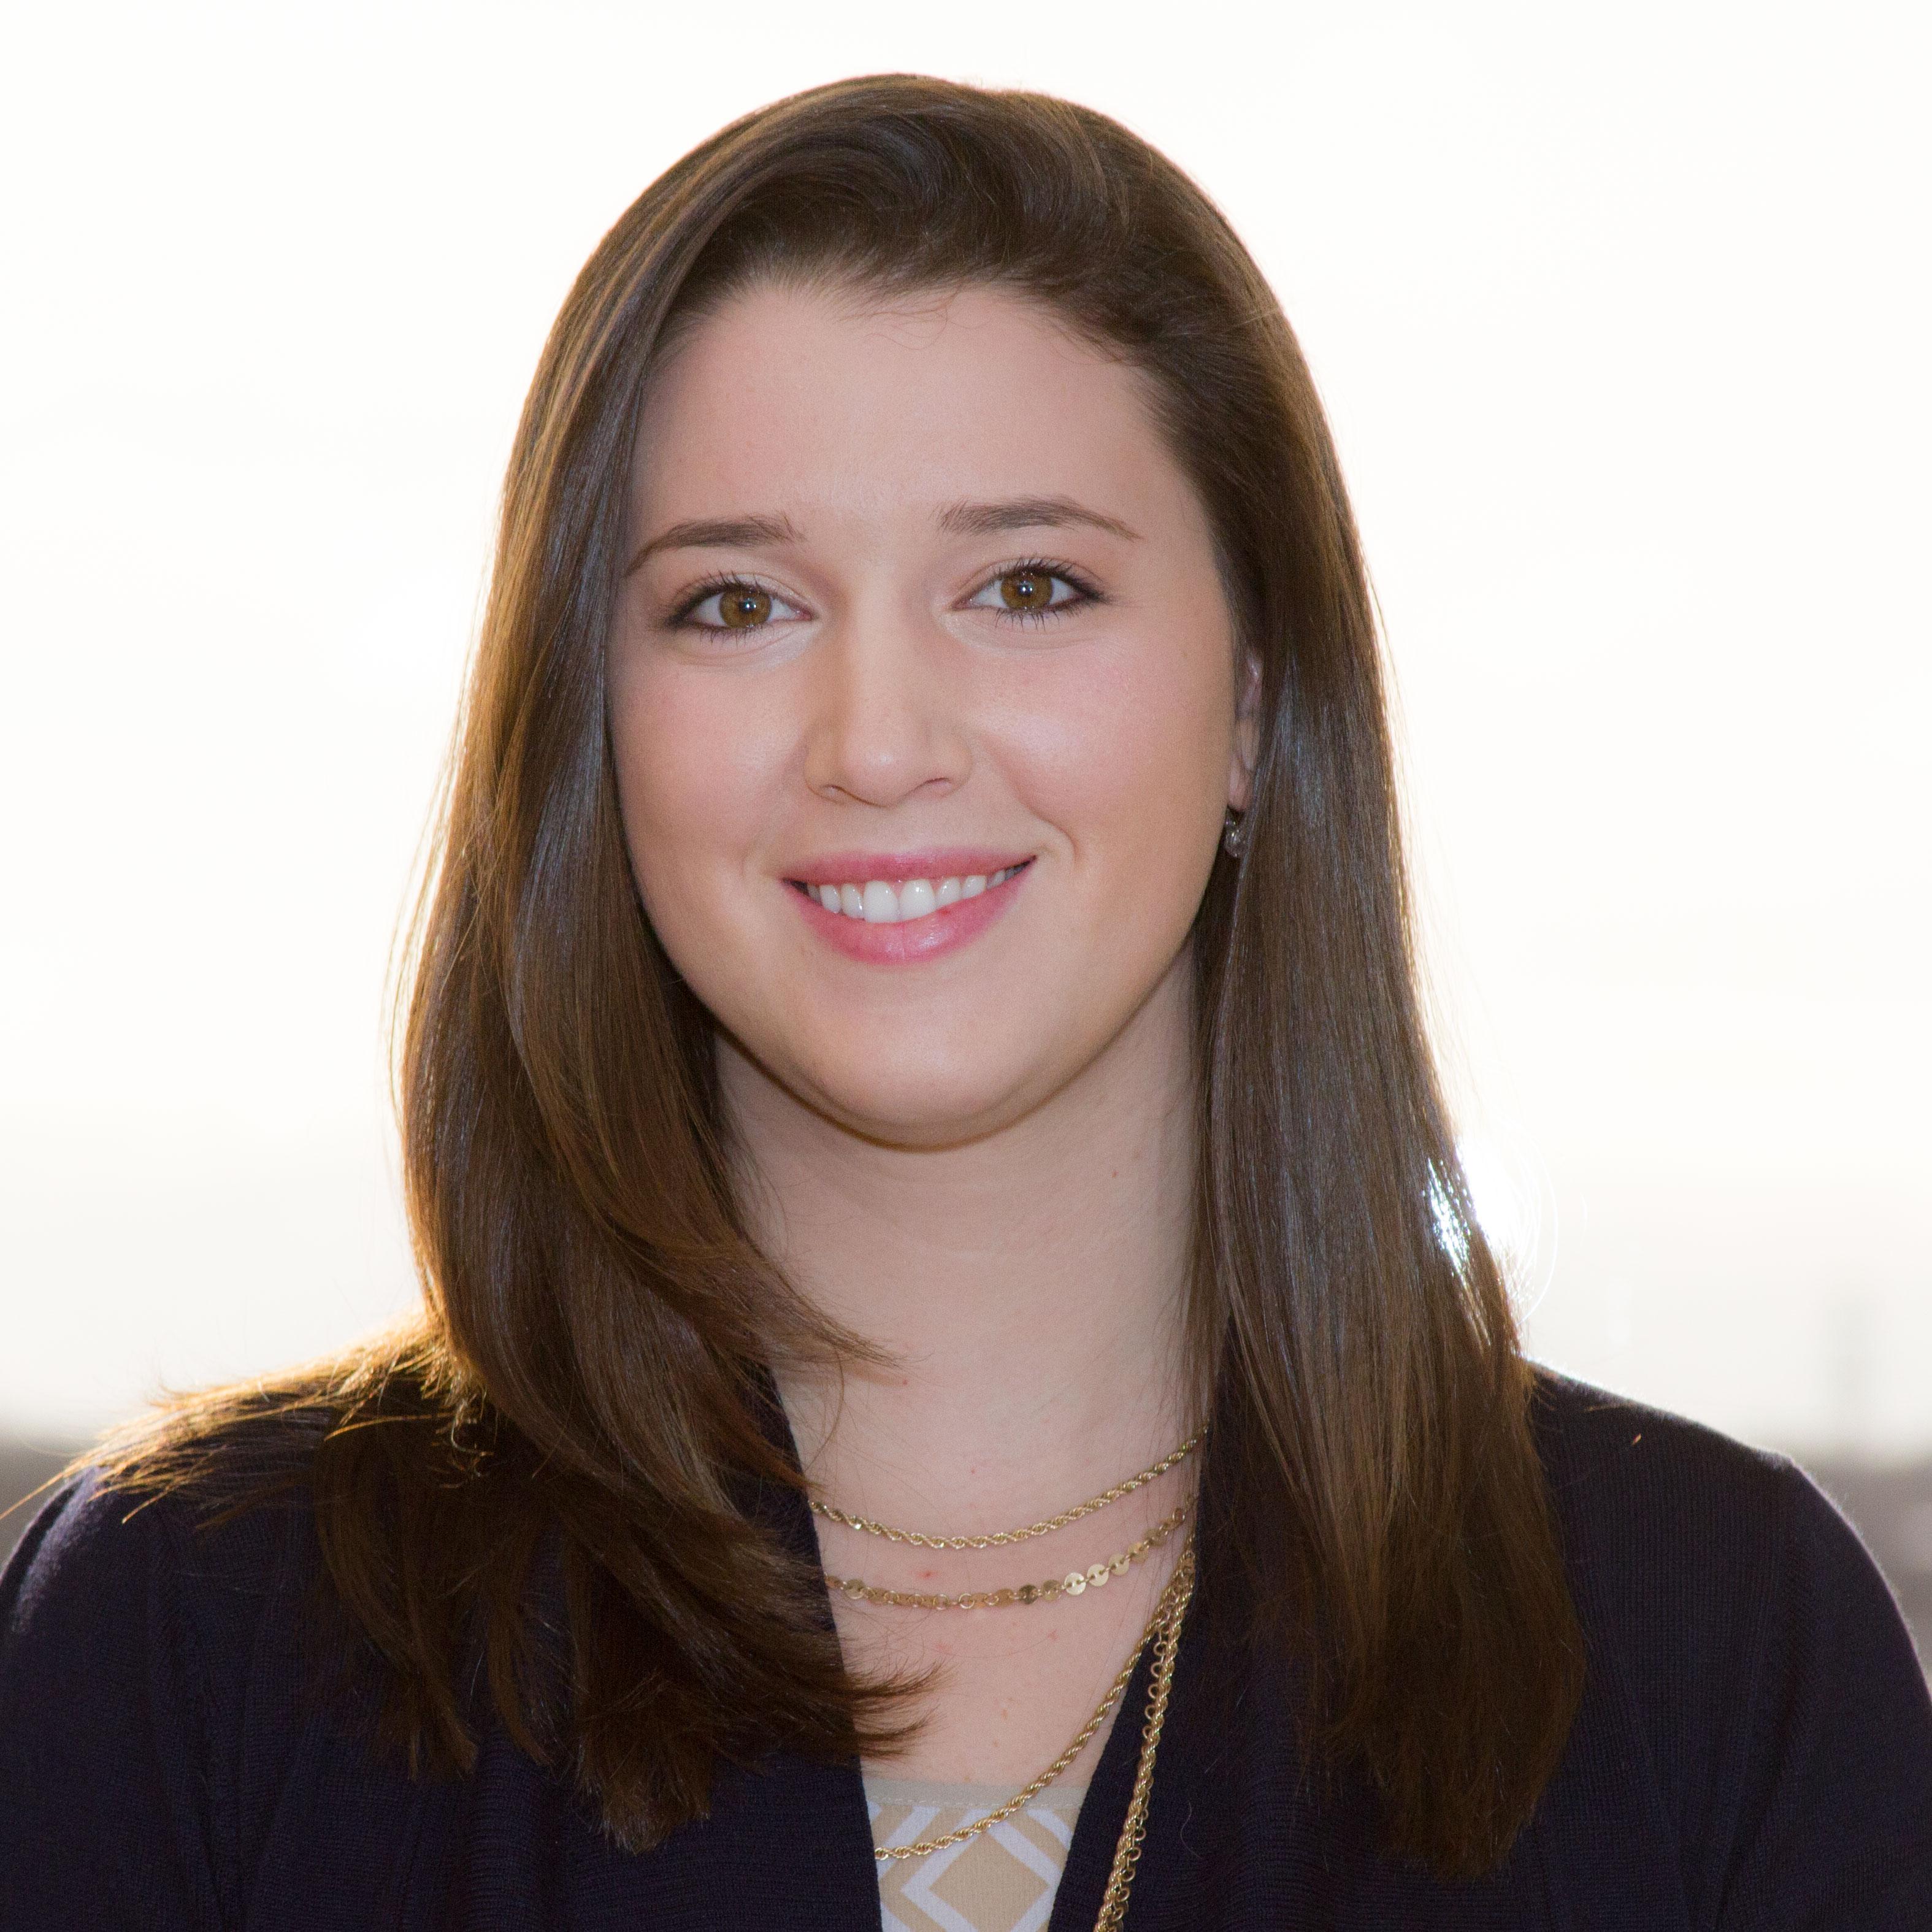 Headshot of Megan Pelletier